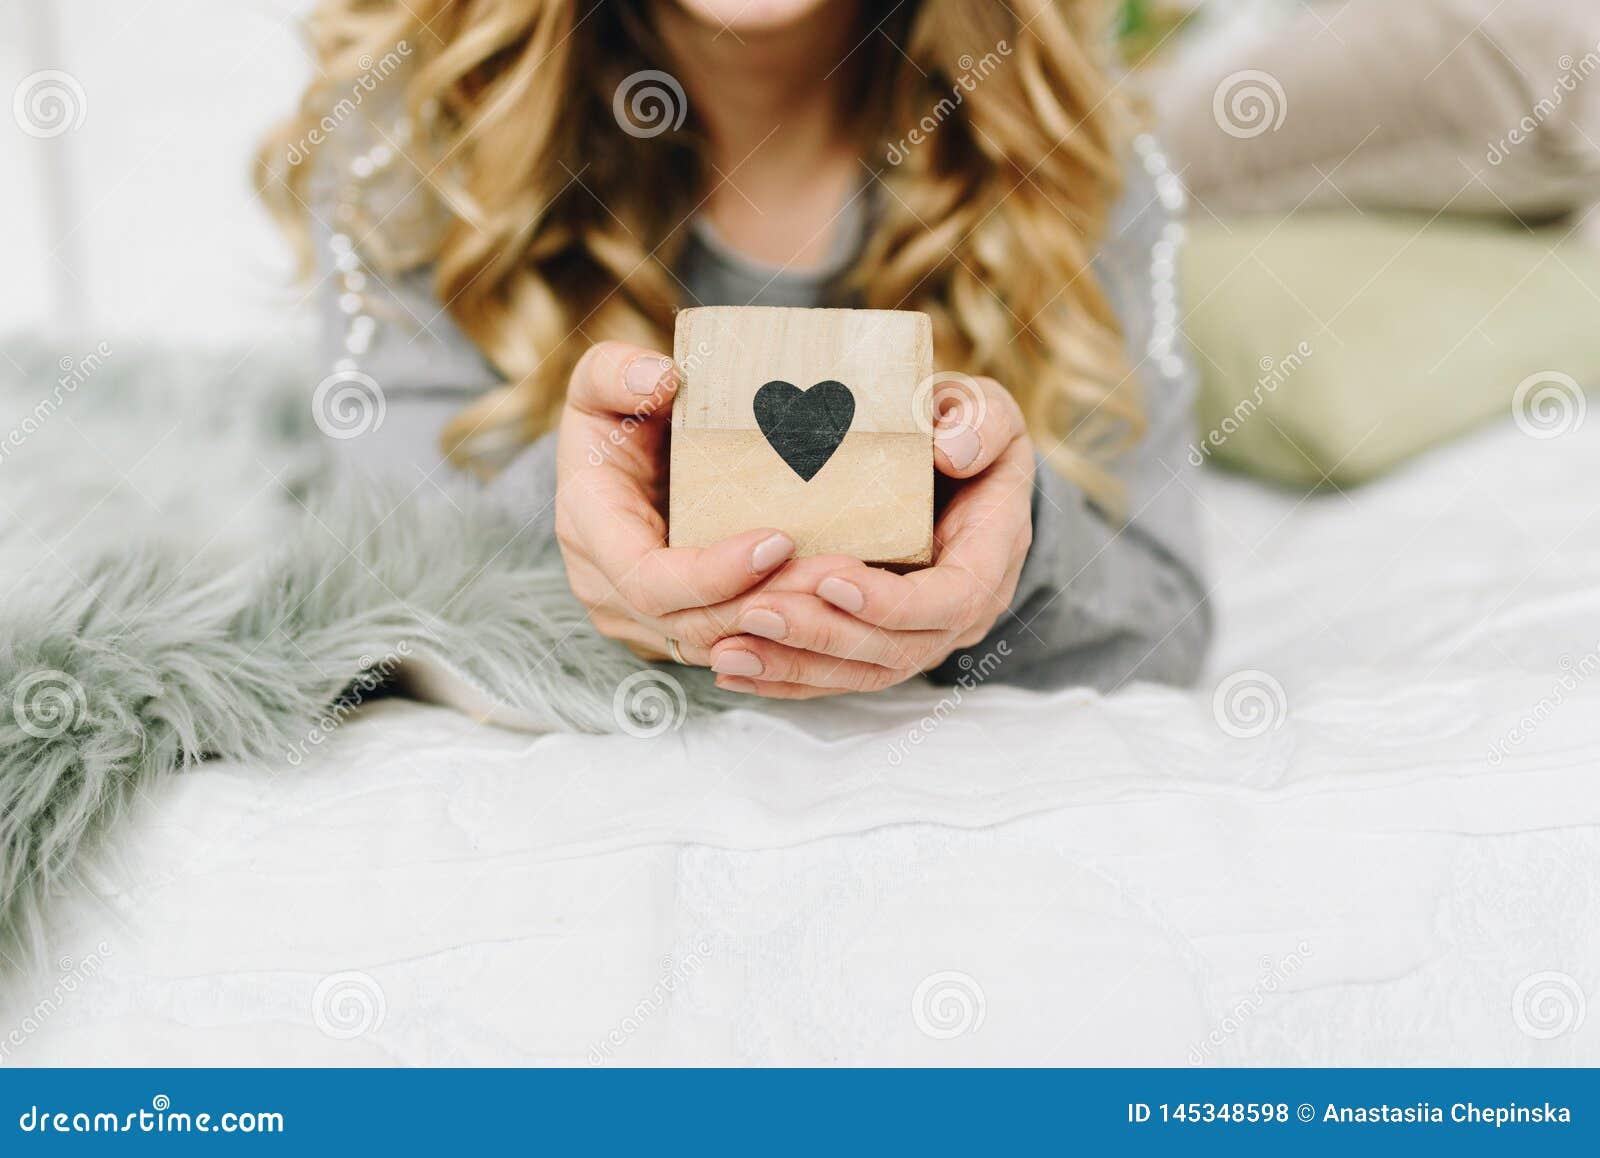 Sch?ne junge kaukasische europ?ische Frau, die Herz, das Symbol der Liebe h?lt